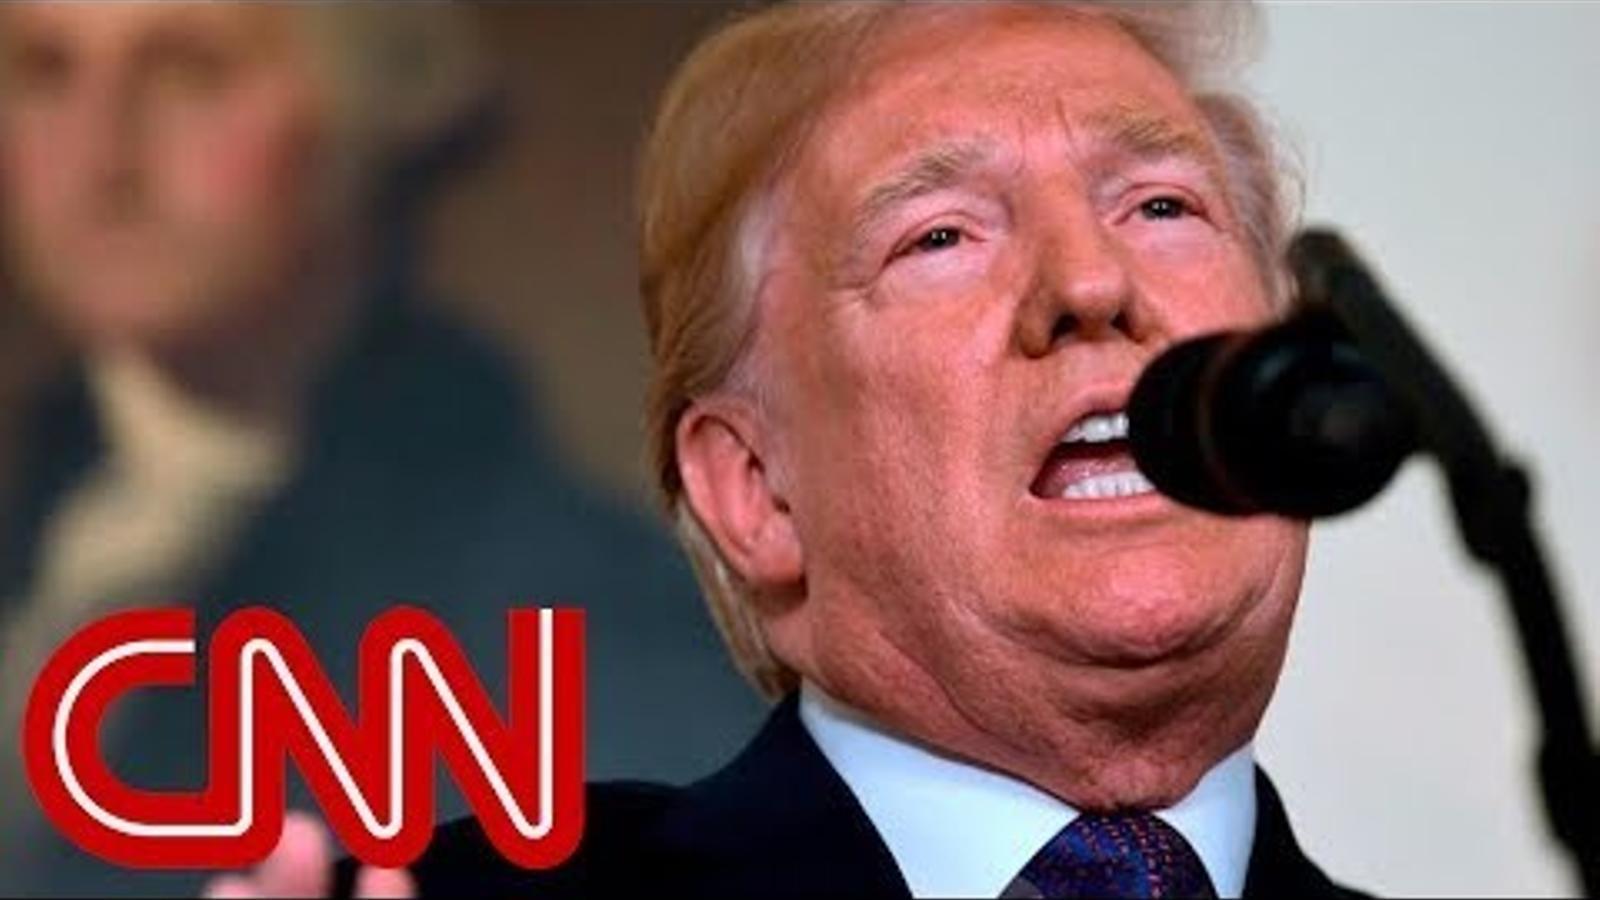 Anunci de Donald Trump de l'atac contra objectius a Síria